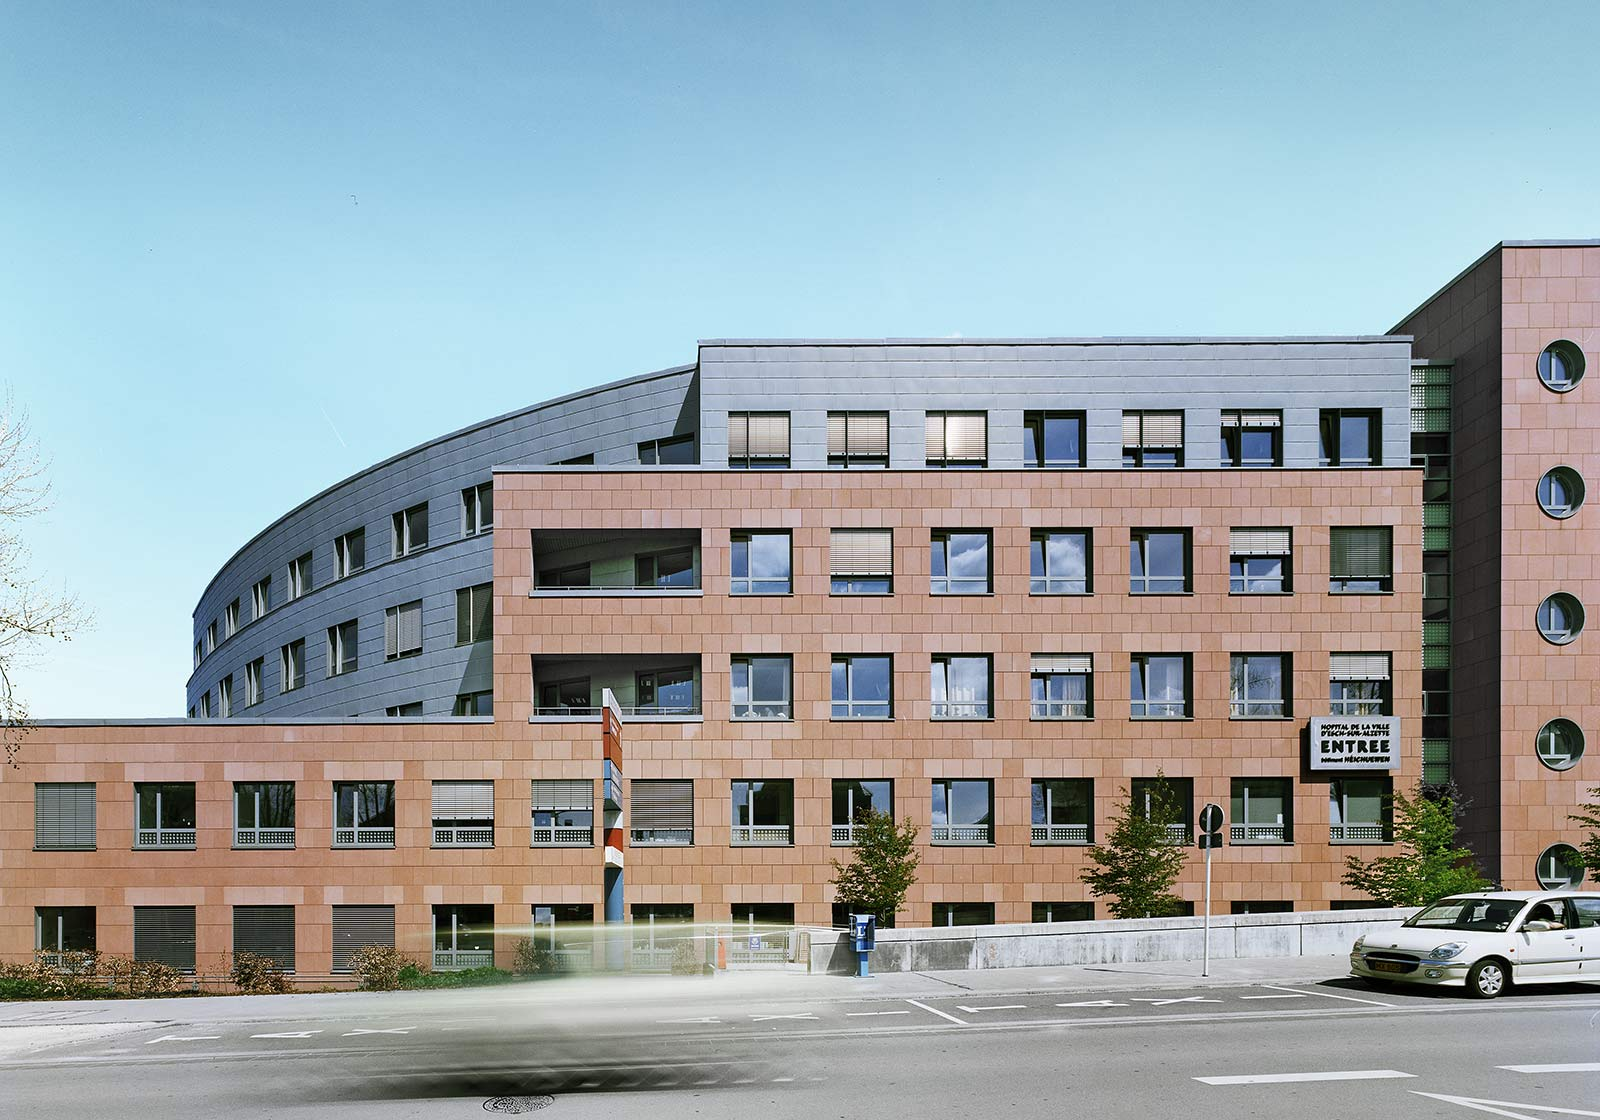 Hôpital de la Ville, Esch-sur-Alzette, Люксембург